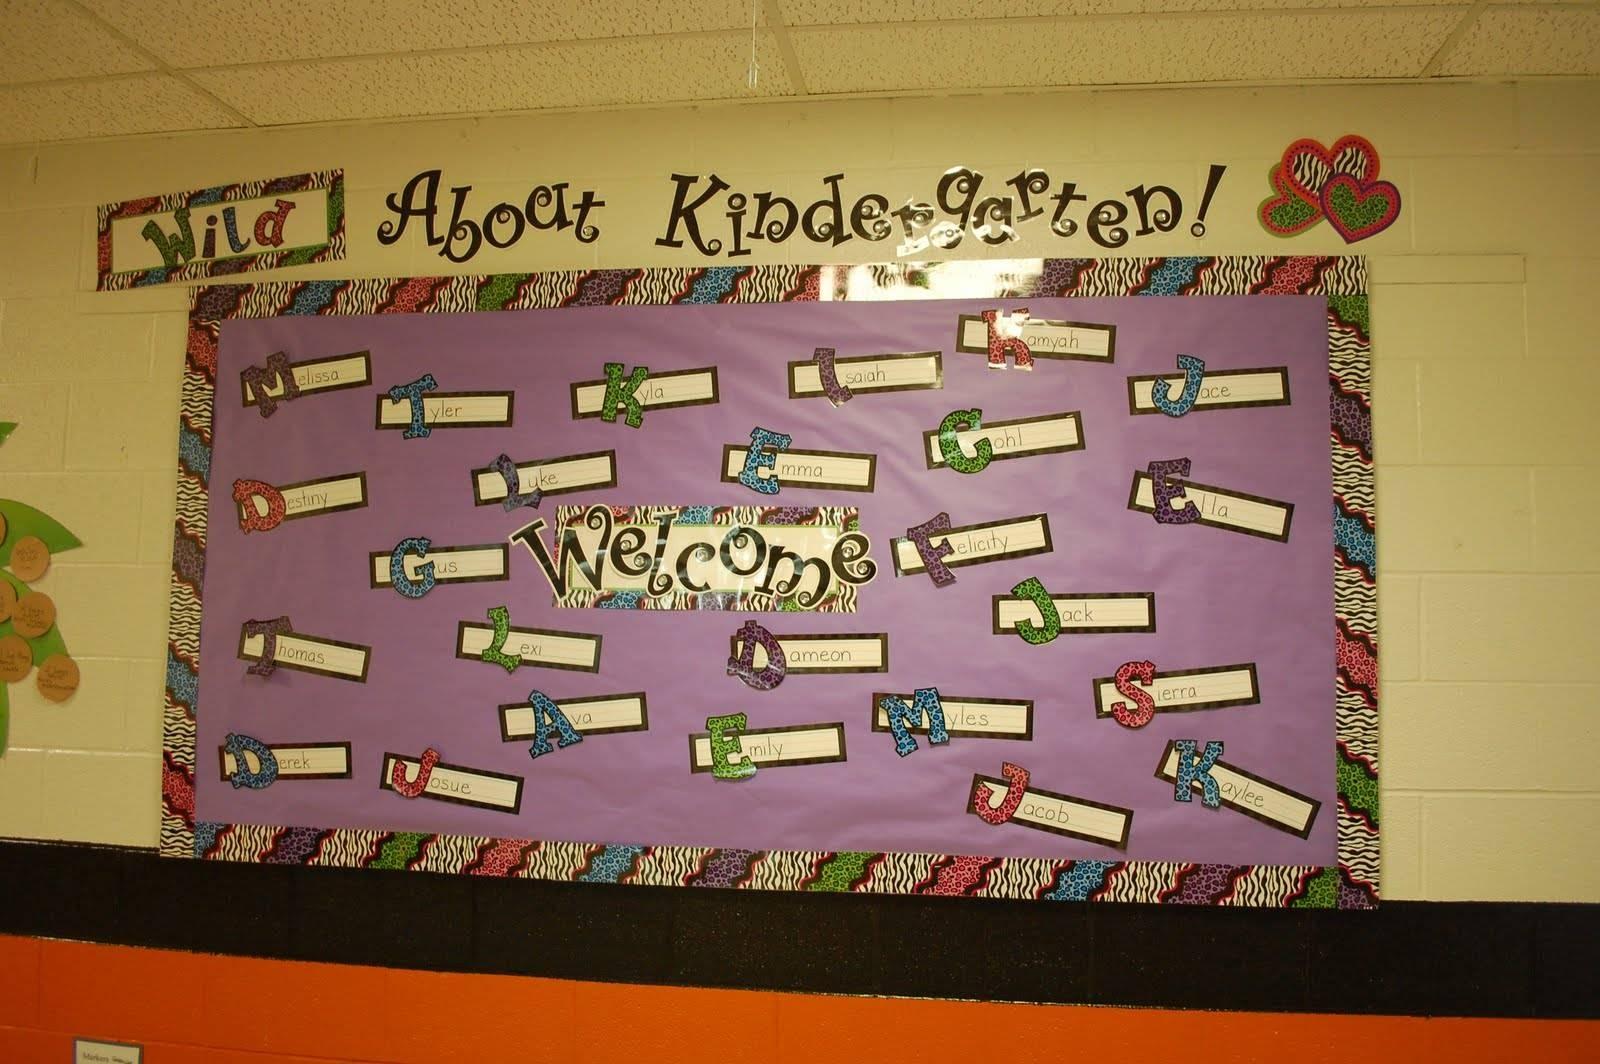 Wall Art For Kindergarten Classroom | Wallartideas Inside Most Recently Released Preschool Wall Art (Gallery 20 of 30)